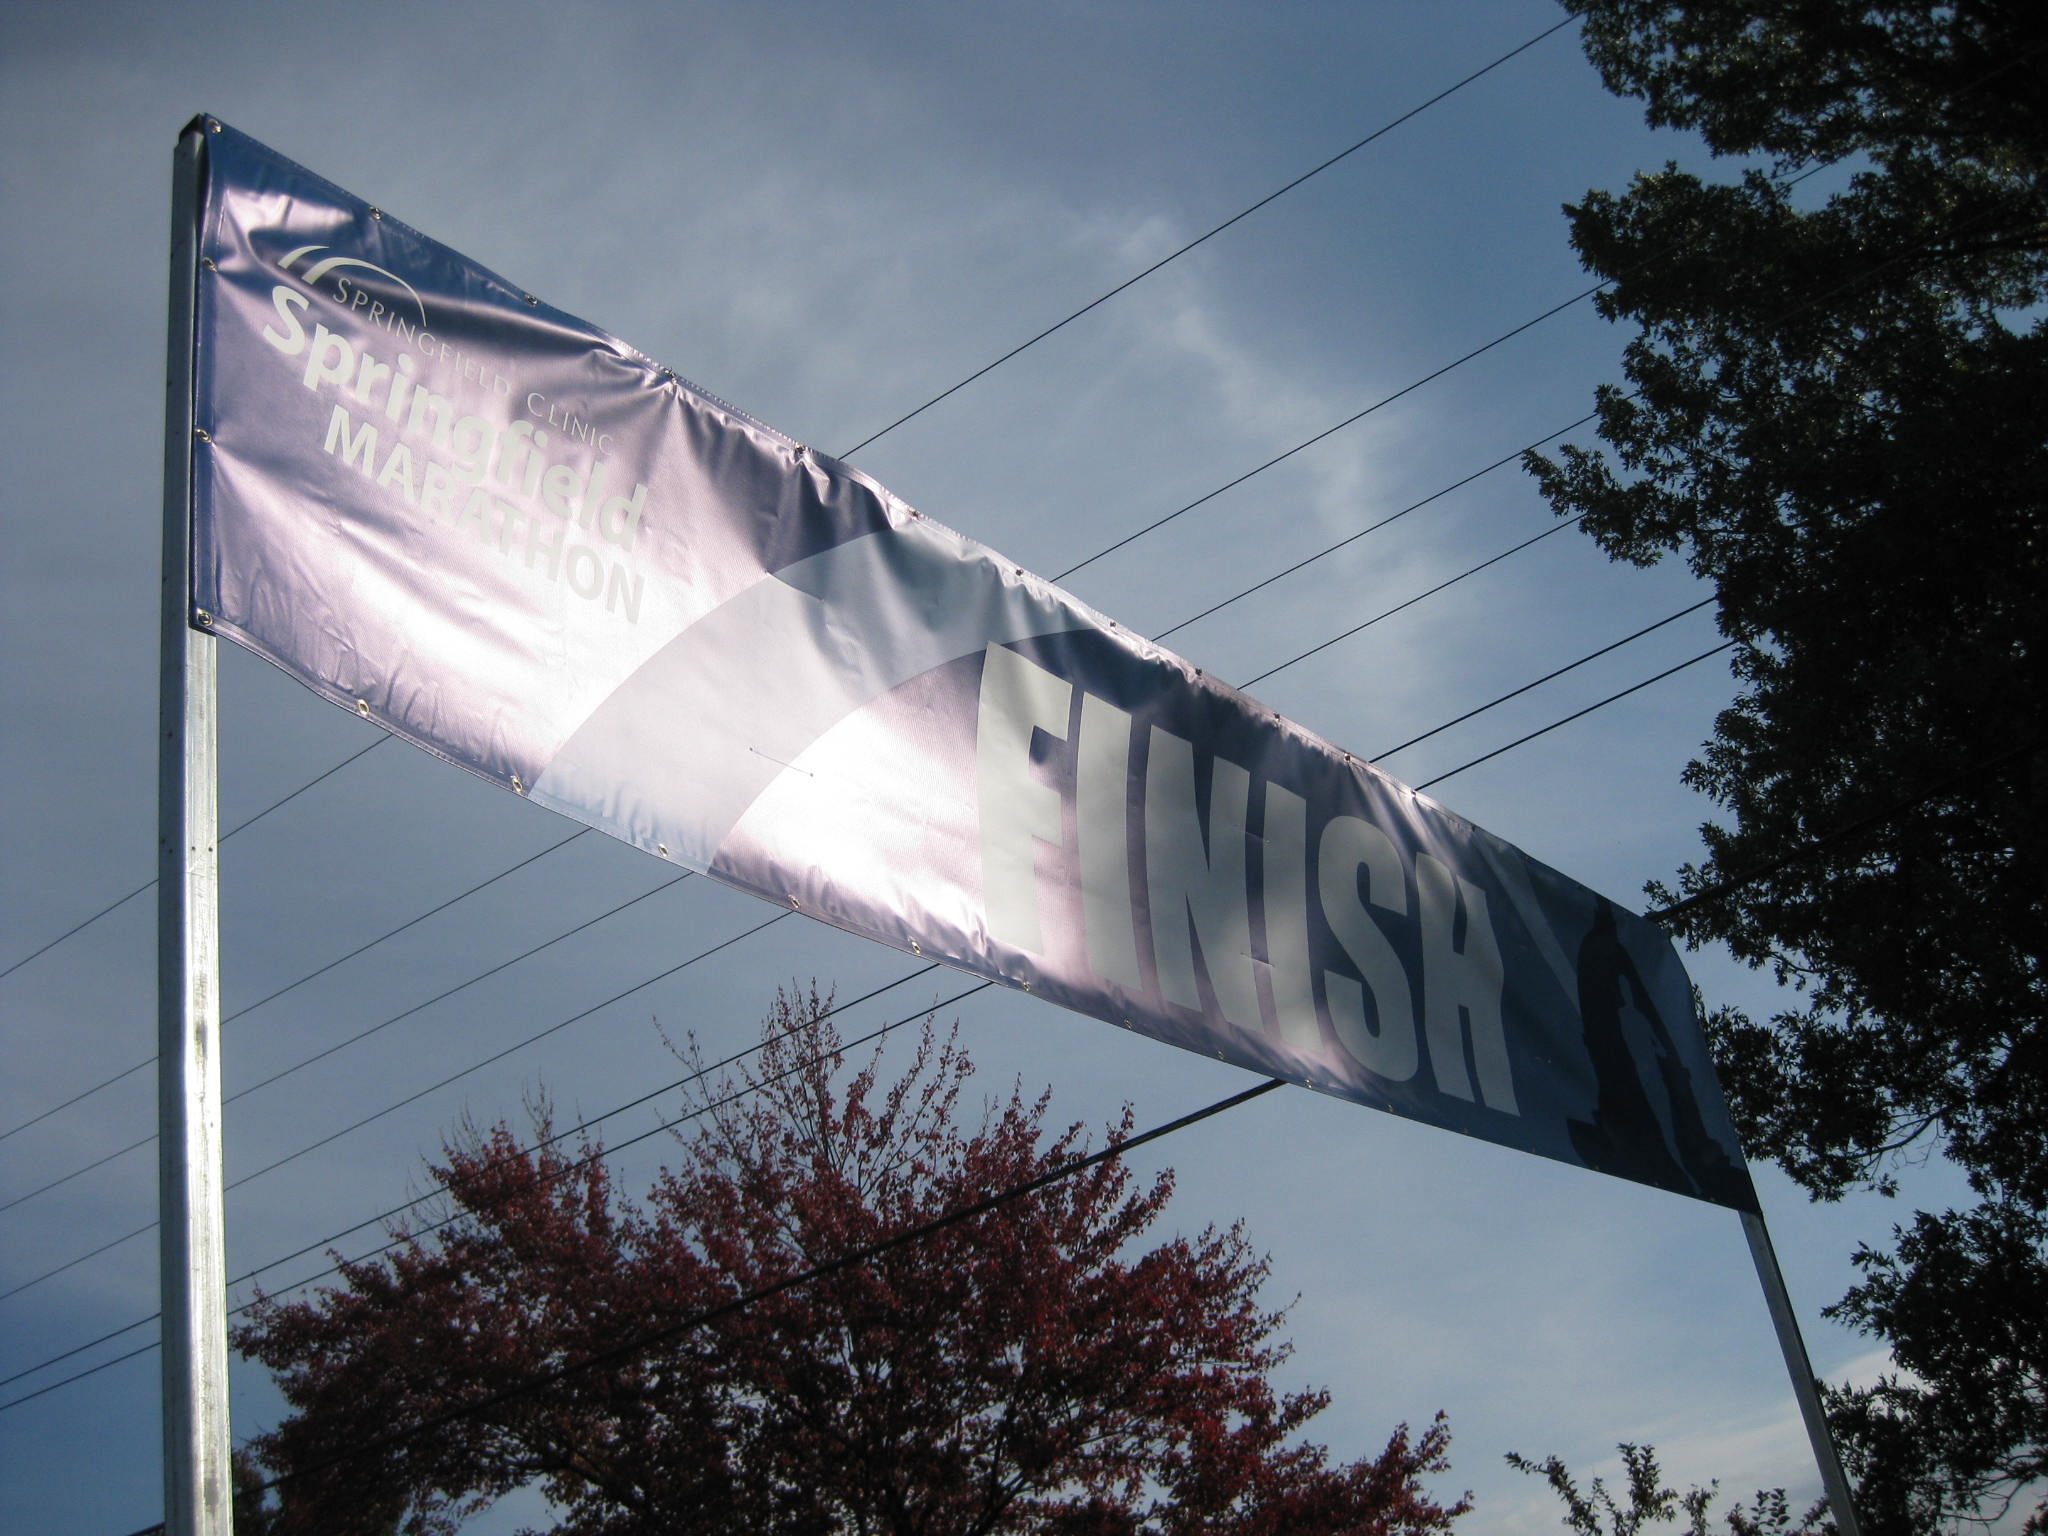 springfield marathon banner